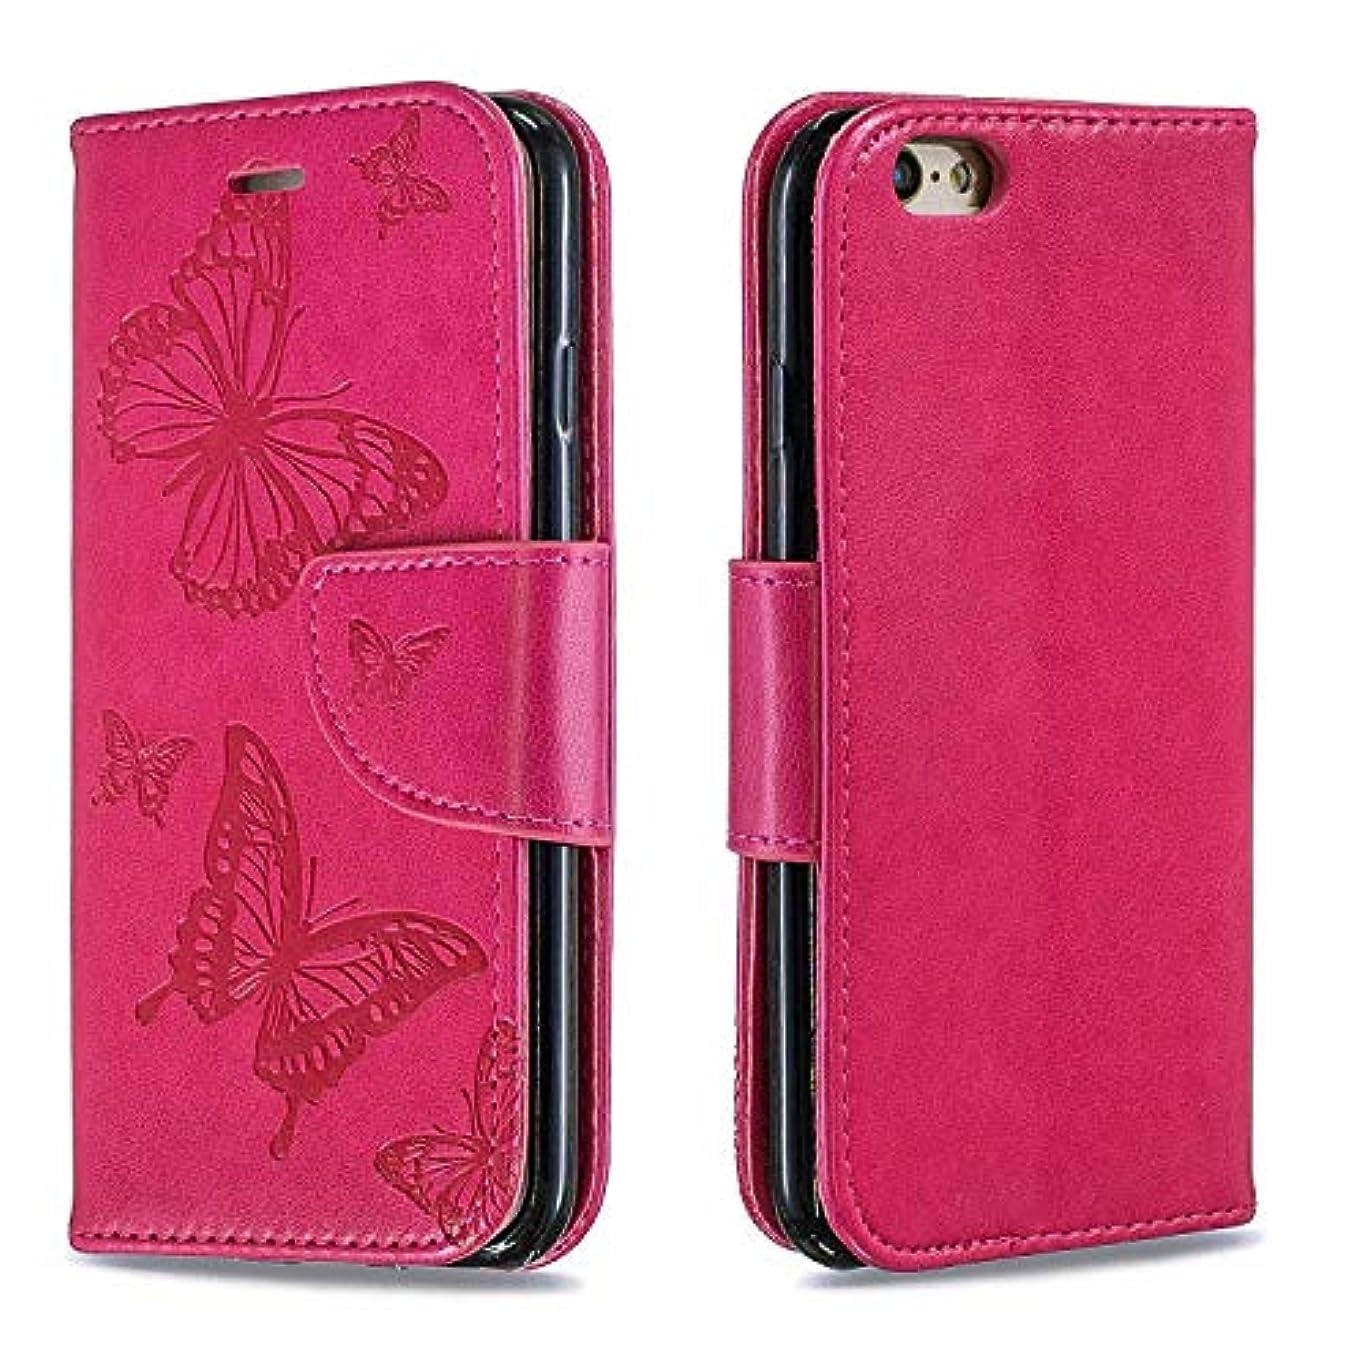 カートン贅沢リムOMATENTI iPhone 6 / iPhone 6s ケース 手帳型 かわいい レディース用 合皮PUレザー 財布型 保護ケース, 付き ザー カード収納 スタンド 機能 そしてマグネット開閉式機能 エンボスバタフライパターン...